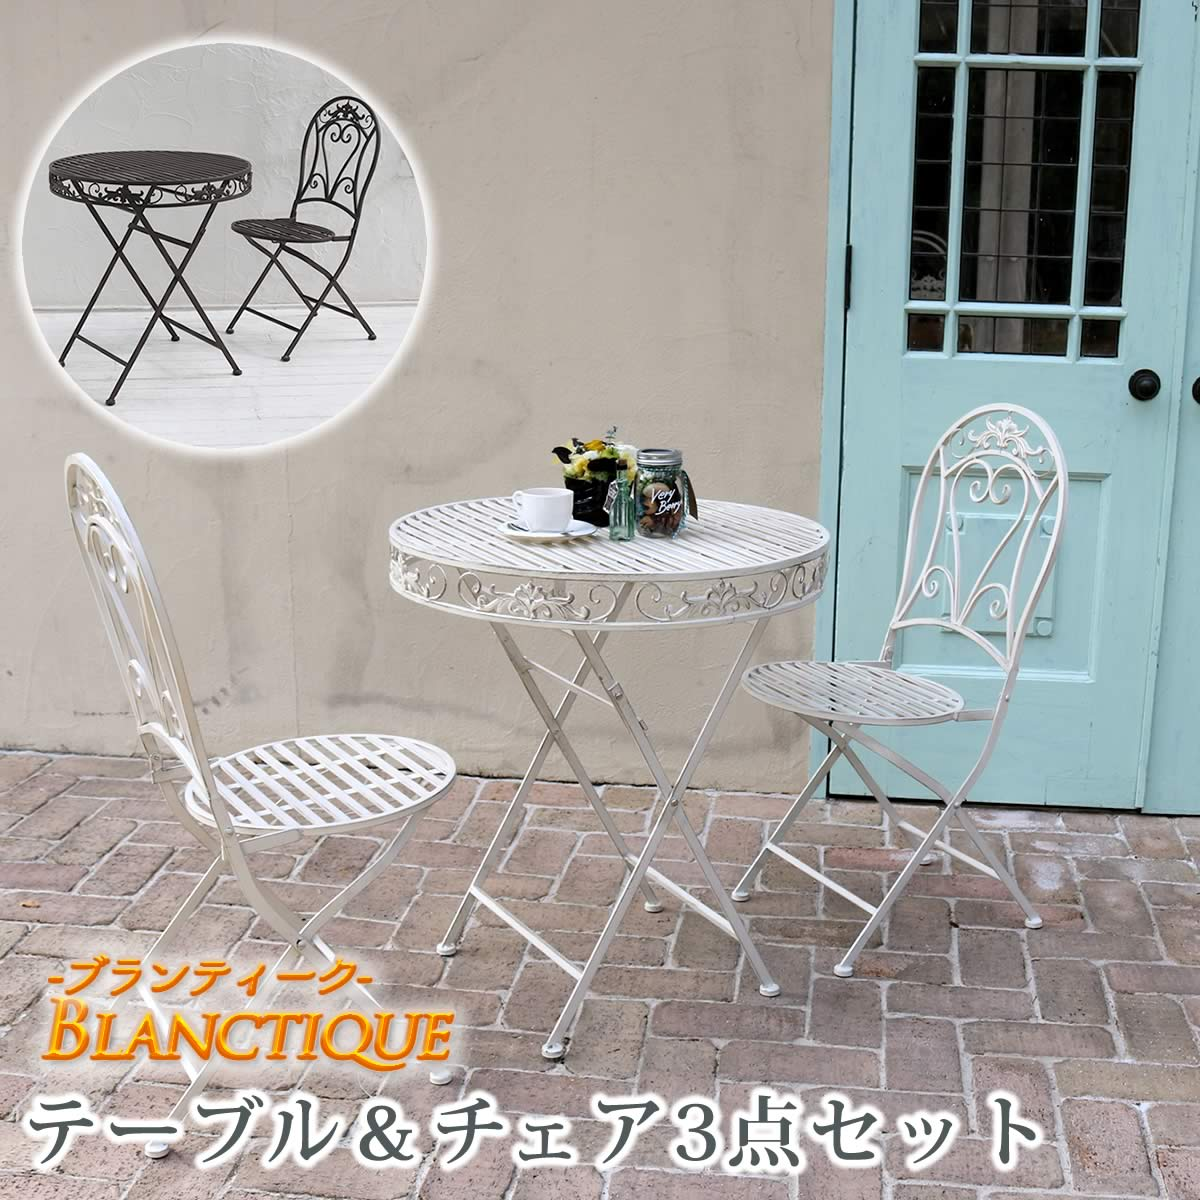 ブランティーク ホワイトアイアンテーブル70&チェア 3点セット ガーデンテーブル テラス 庭 ウッドデッキ 椅子 アンティーク クラシカル イングリッシュガーデン ファニチャー シンプル 北欧 インテリア 家具 おしゃれ カフェ